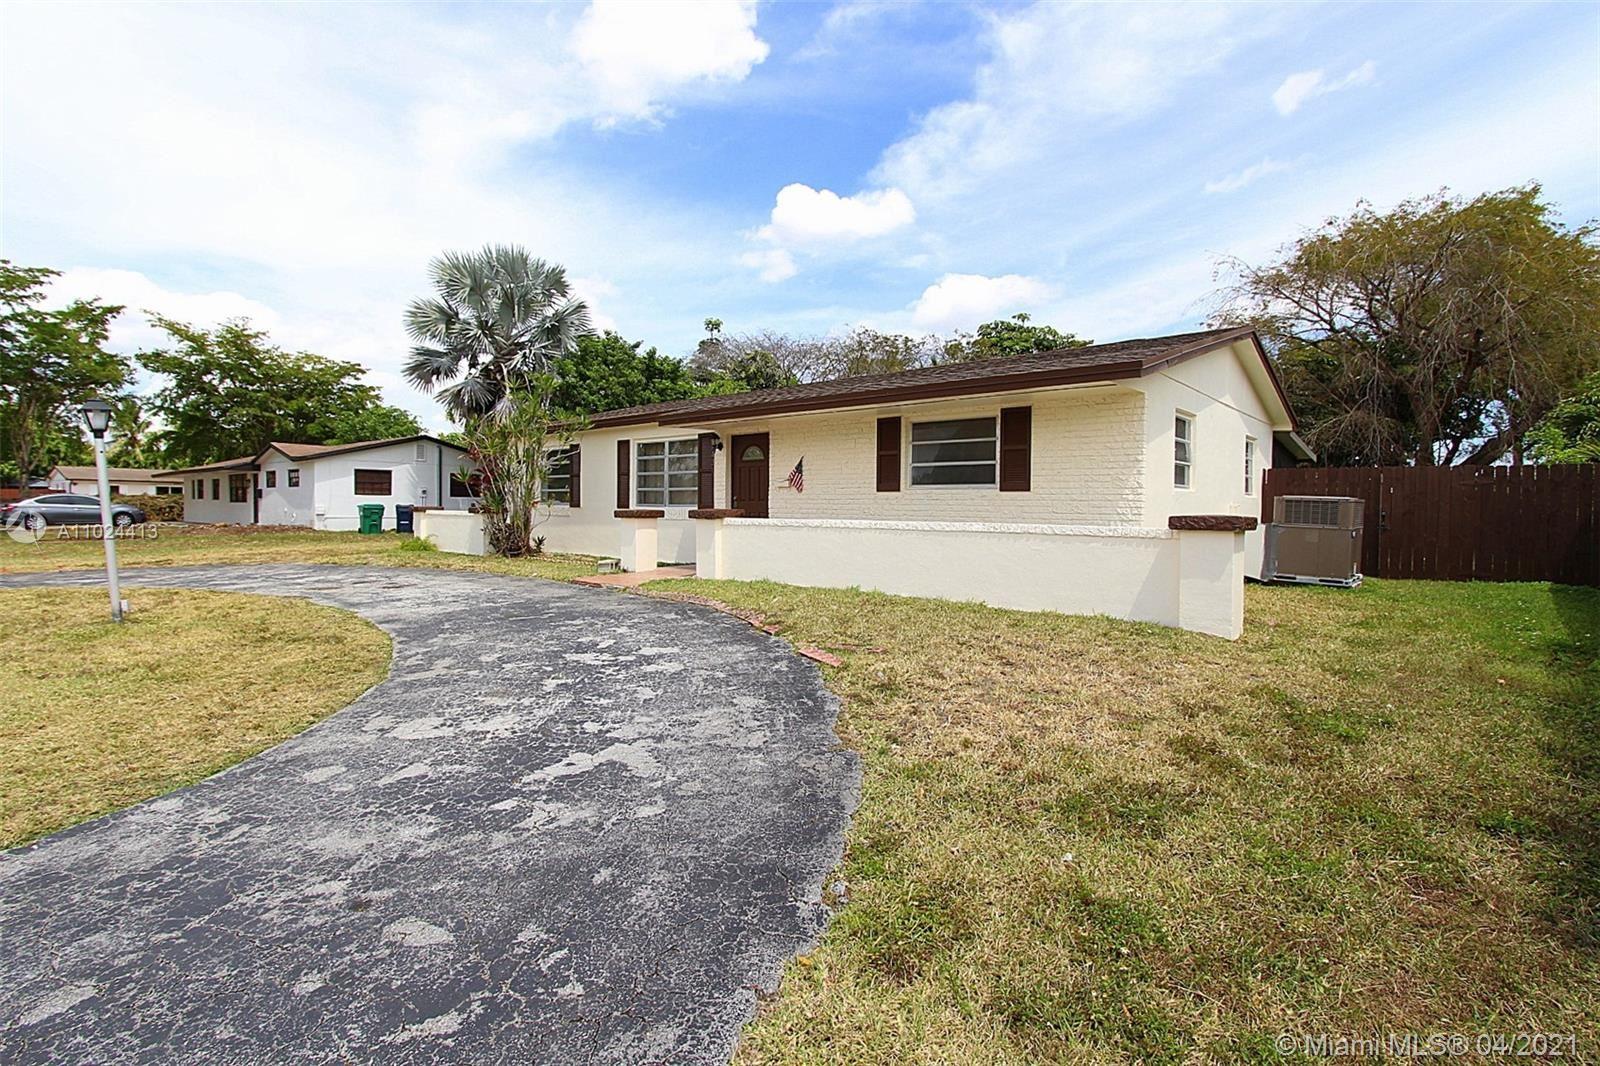 7421 SW 137th Ct, Miami, FL 33183 - #: A11024413